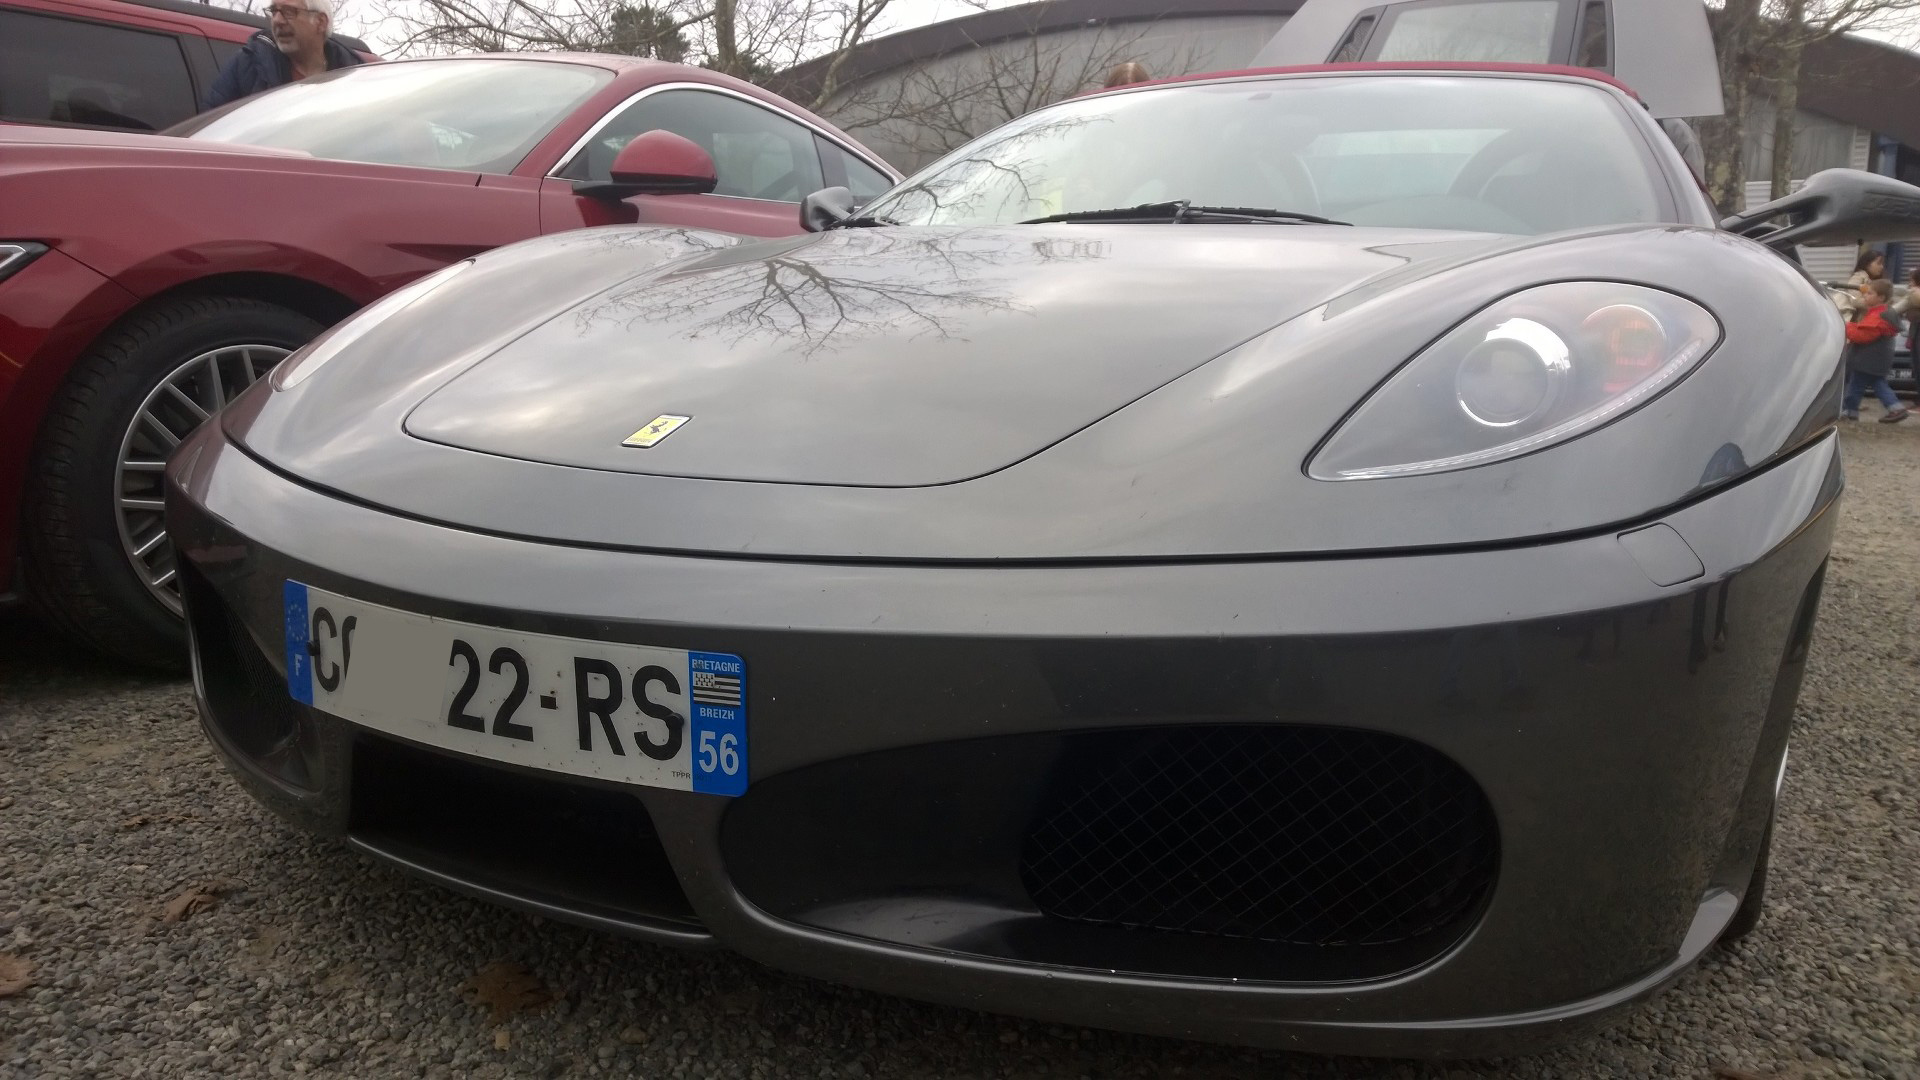 DM photo - Ferrari F430 Spider - avant / front - Ouest Motors Festival - 2015 - Lorient